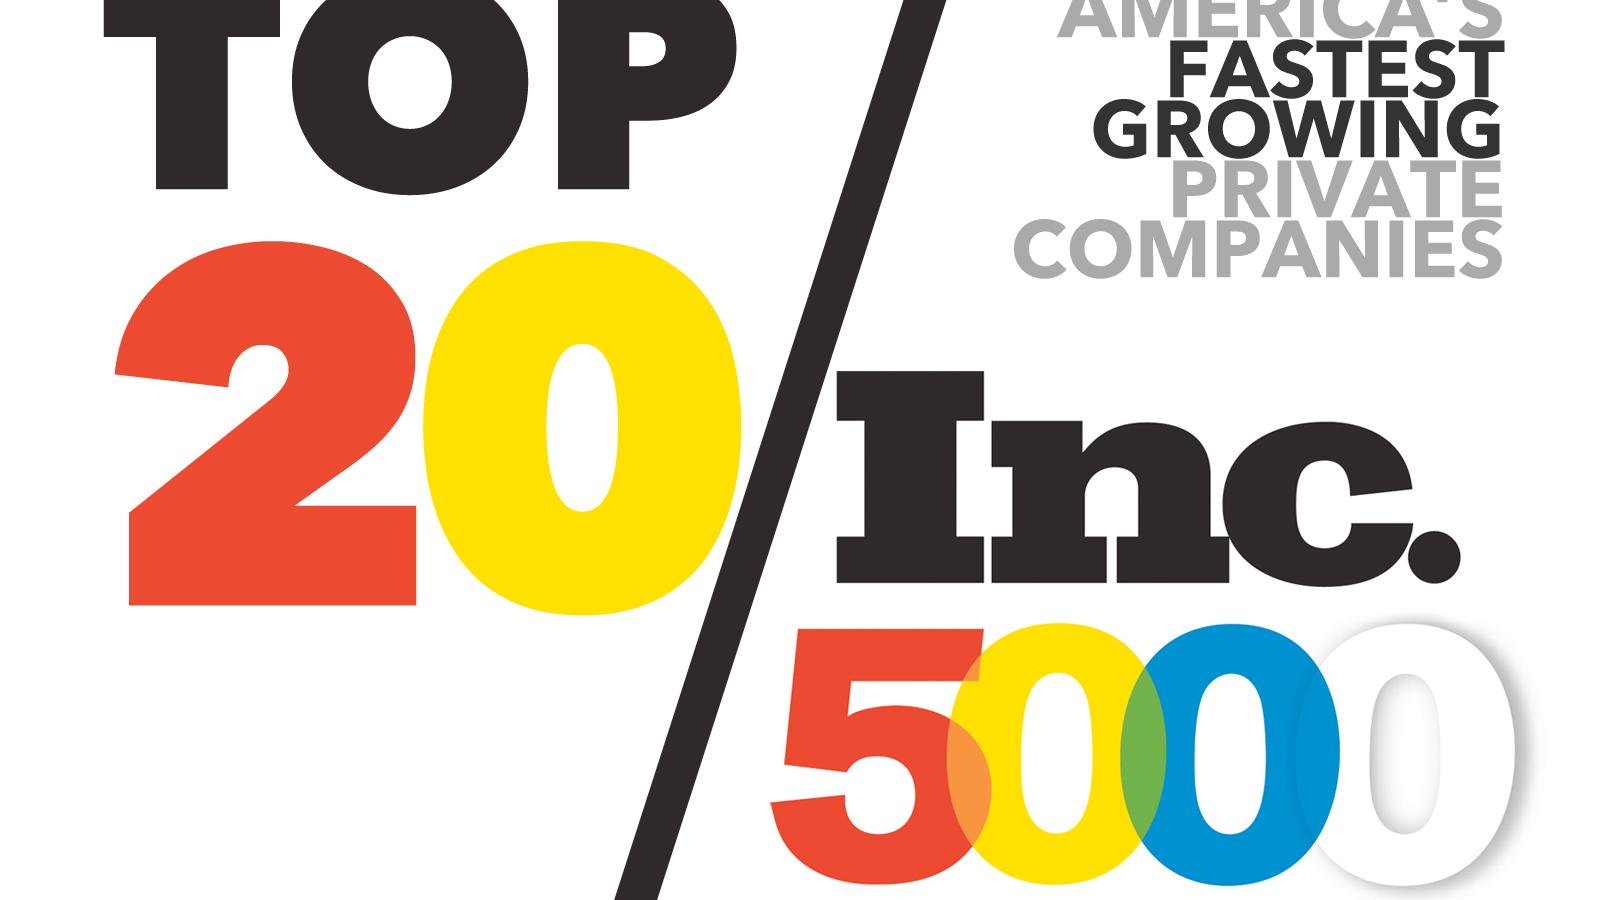 Inc.が発表した2014年最も速く成長している非公開ベンチャー5000社中TOP20社!